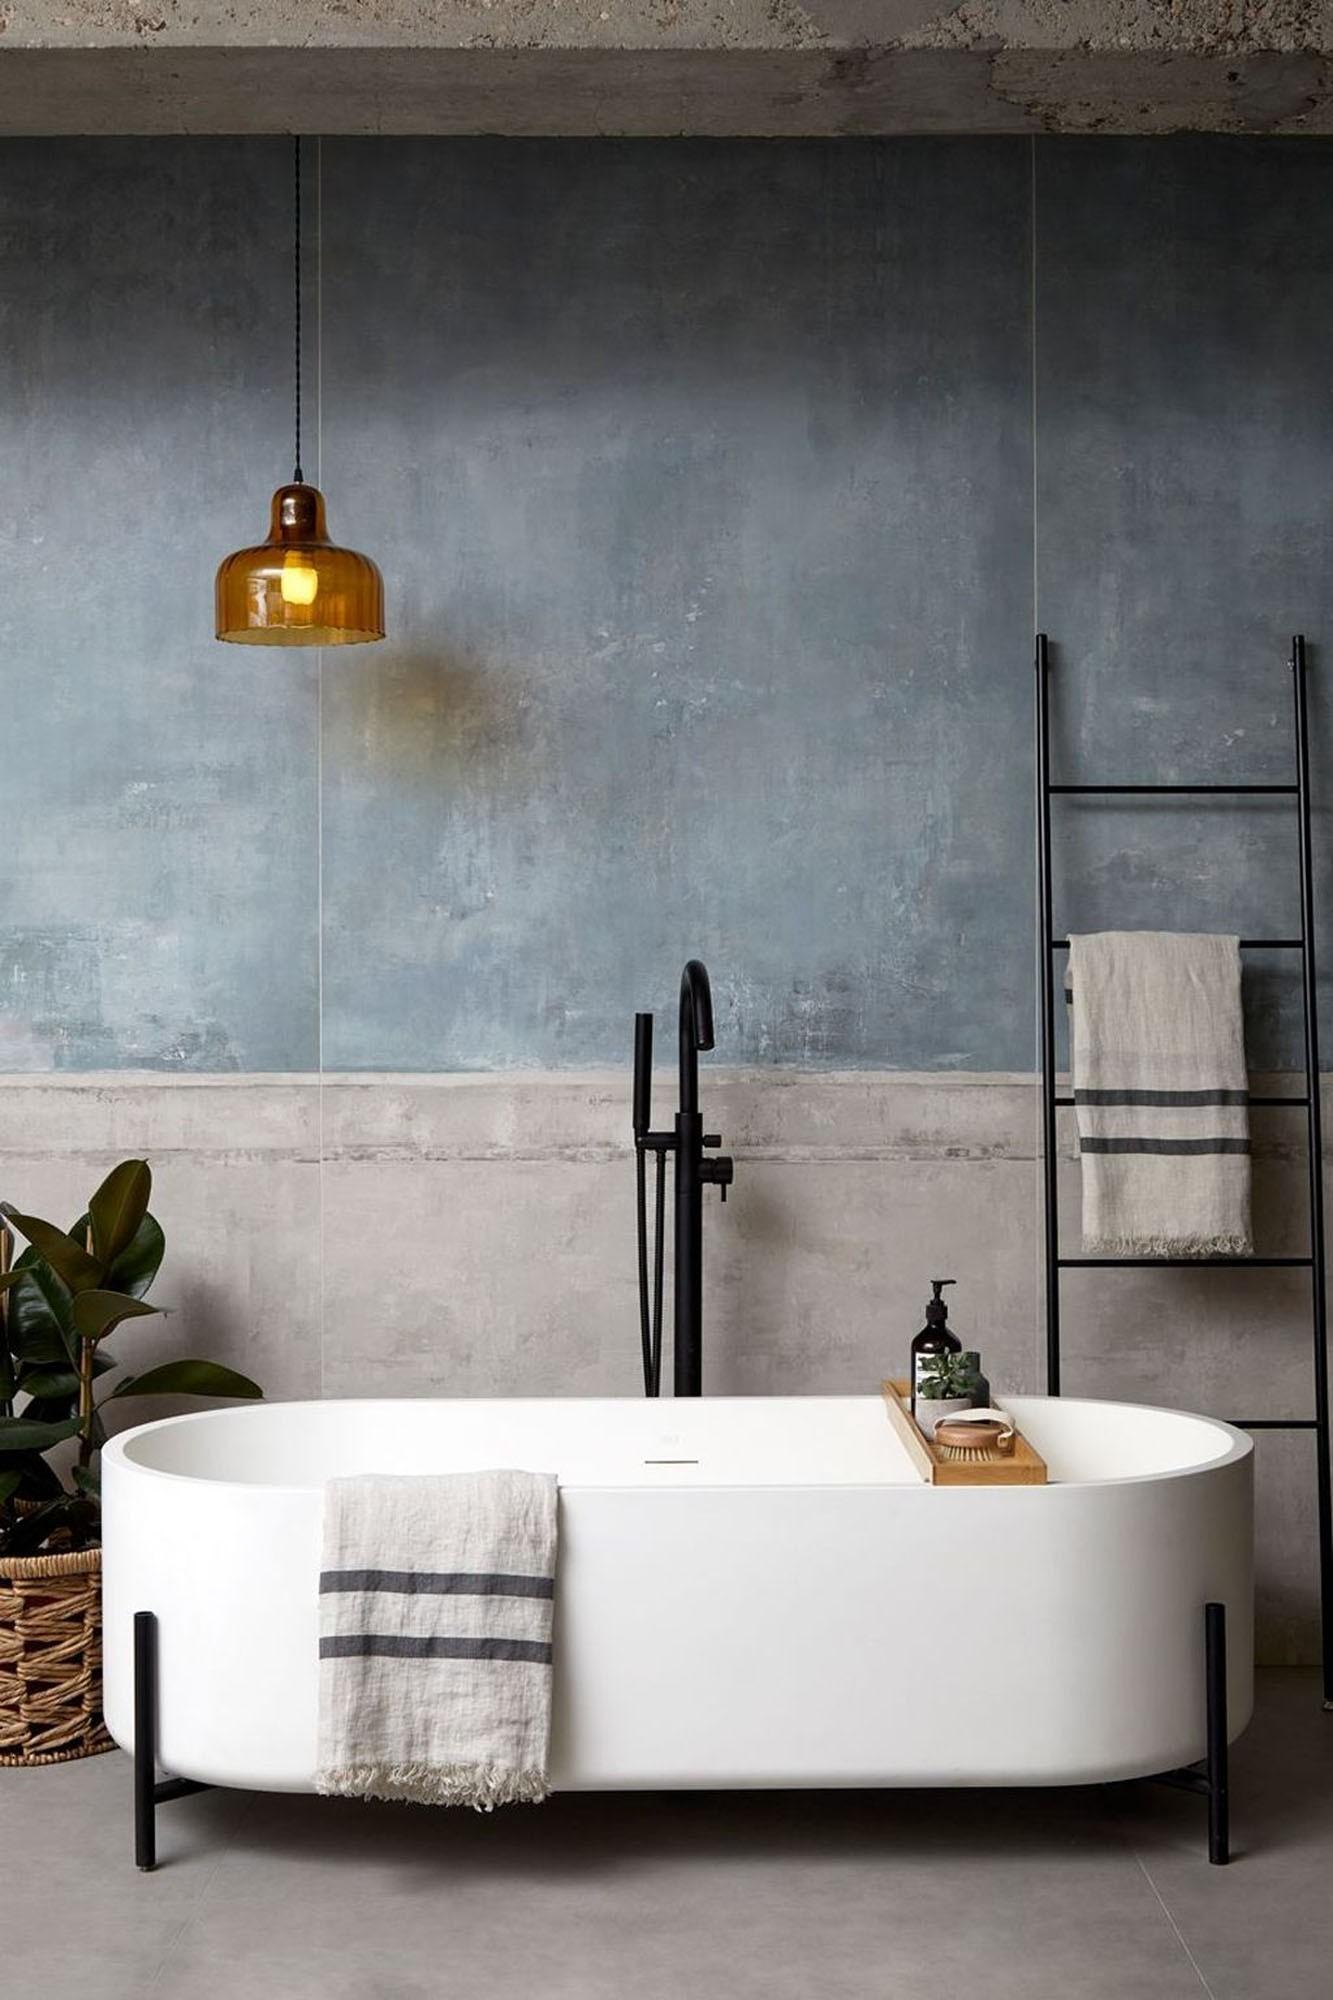 Décor do dia: sala de banho em estilo industrial (Foto: Divulgação)